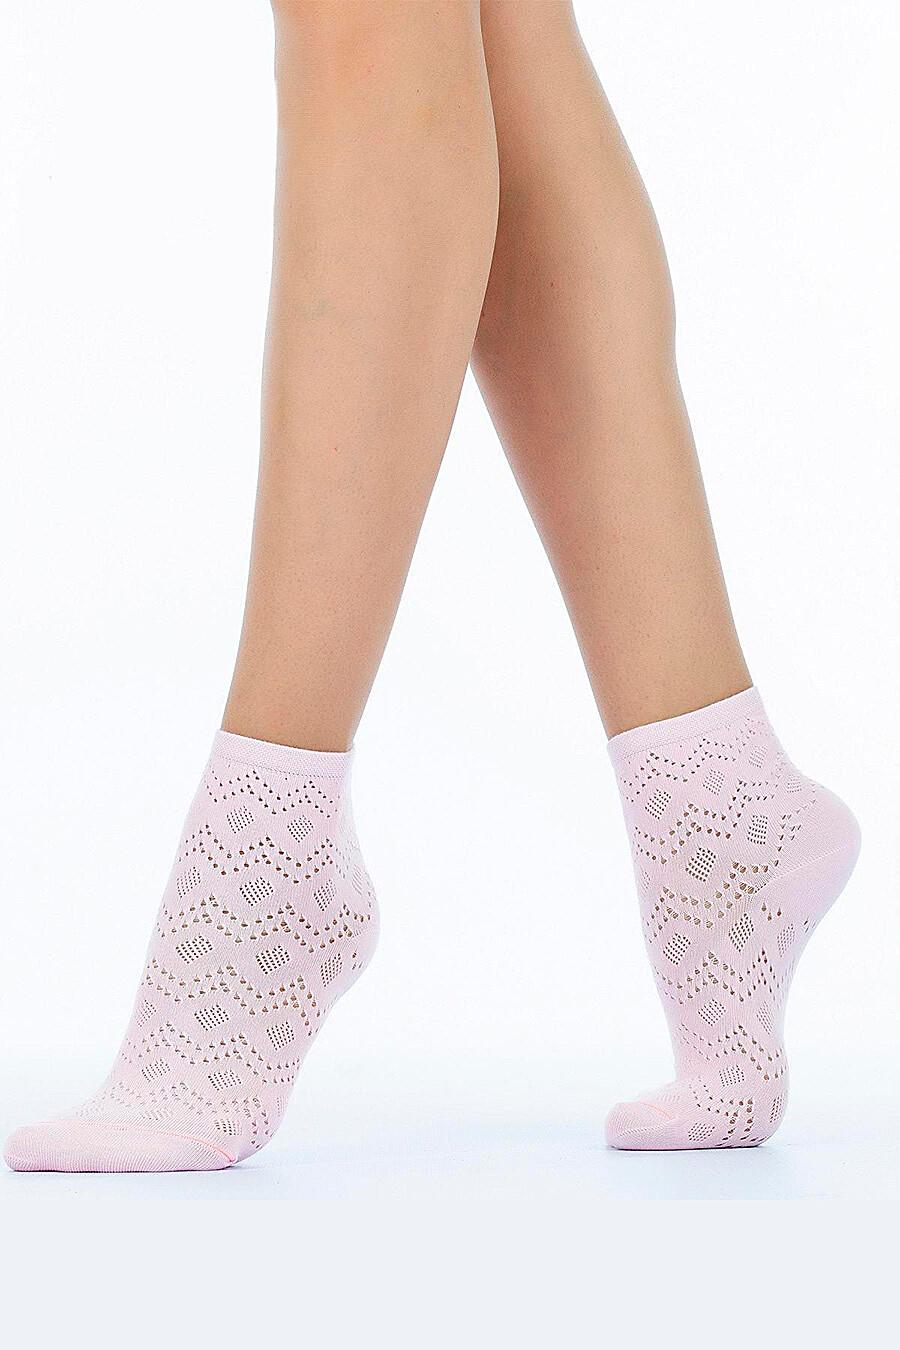 Носки для женщин GIULIA 218270 купить оптом от производителя. Совместная покупка женской одежды в OptMoyo